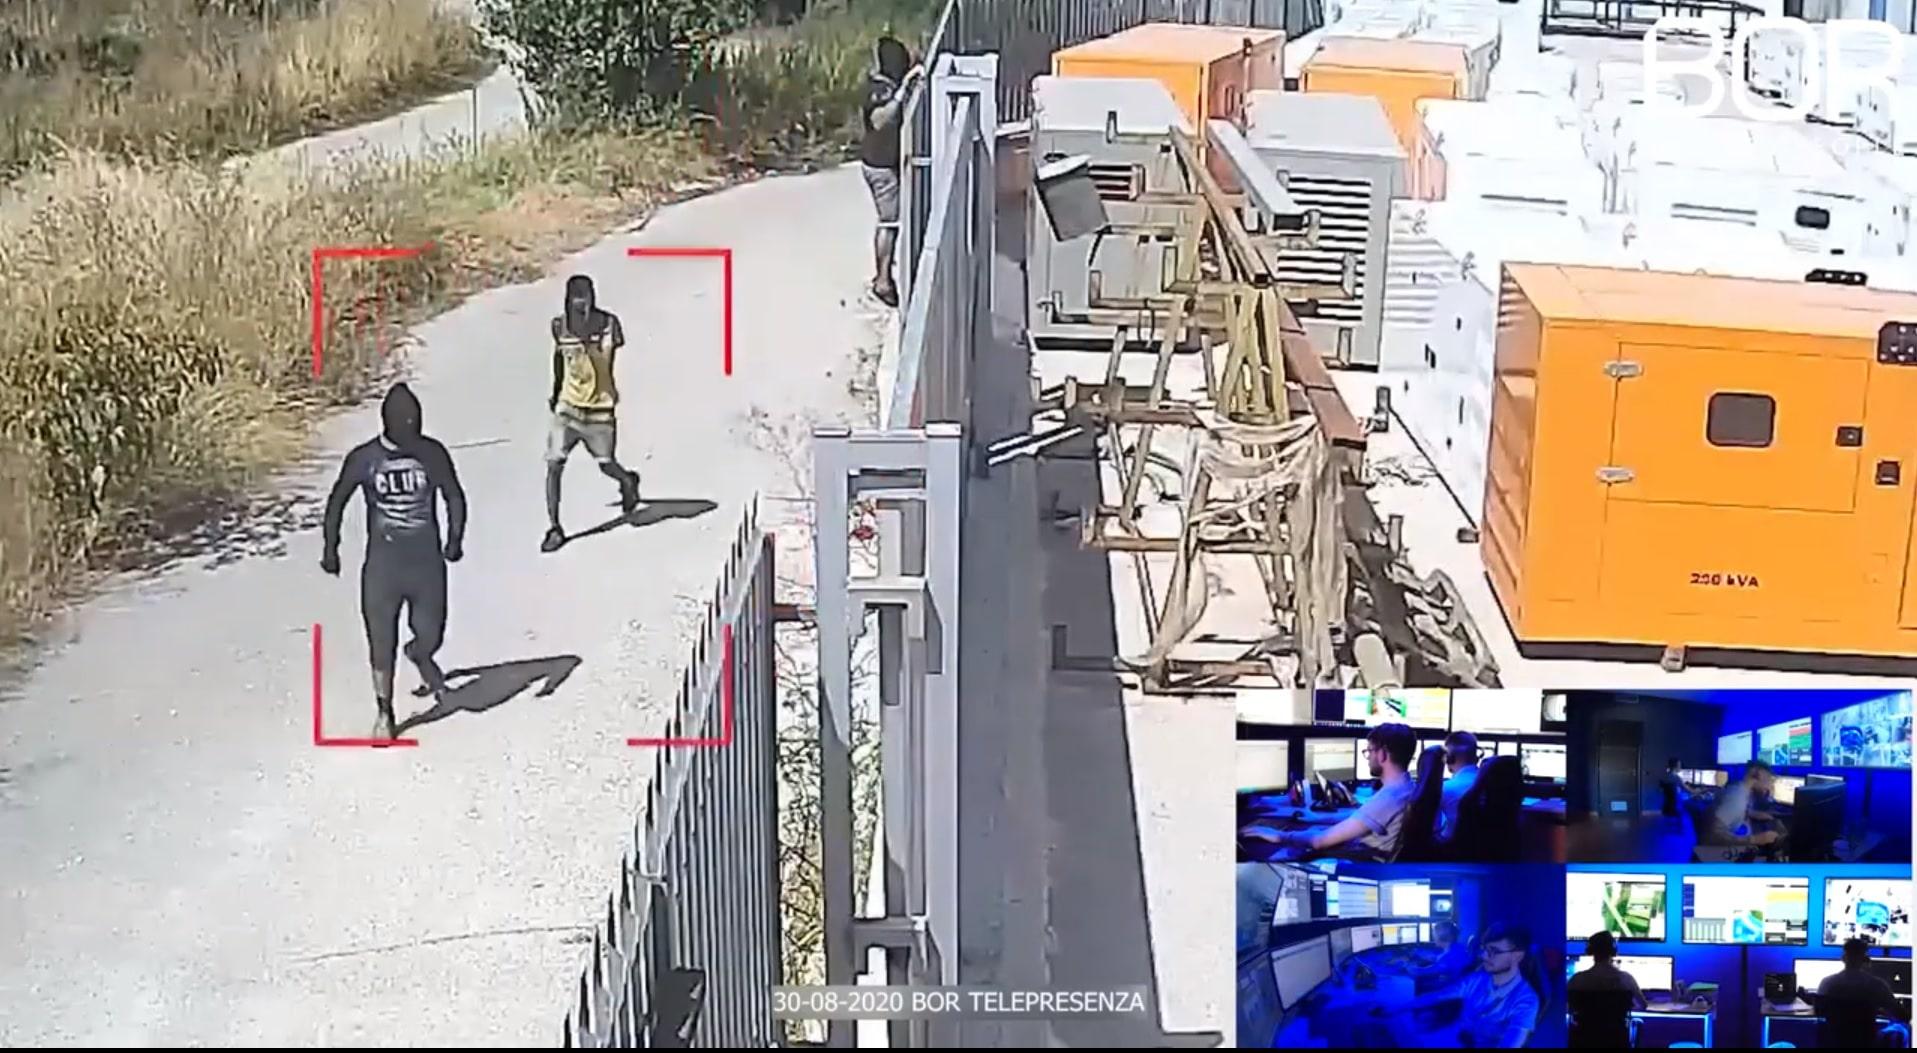 Ladri in azione in pieno giorno allontanati dal Custode Virtuale BOR